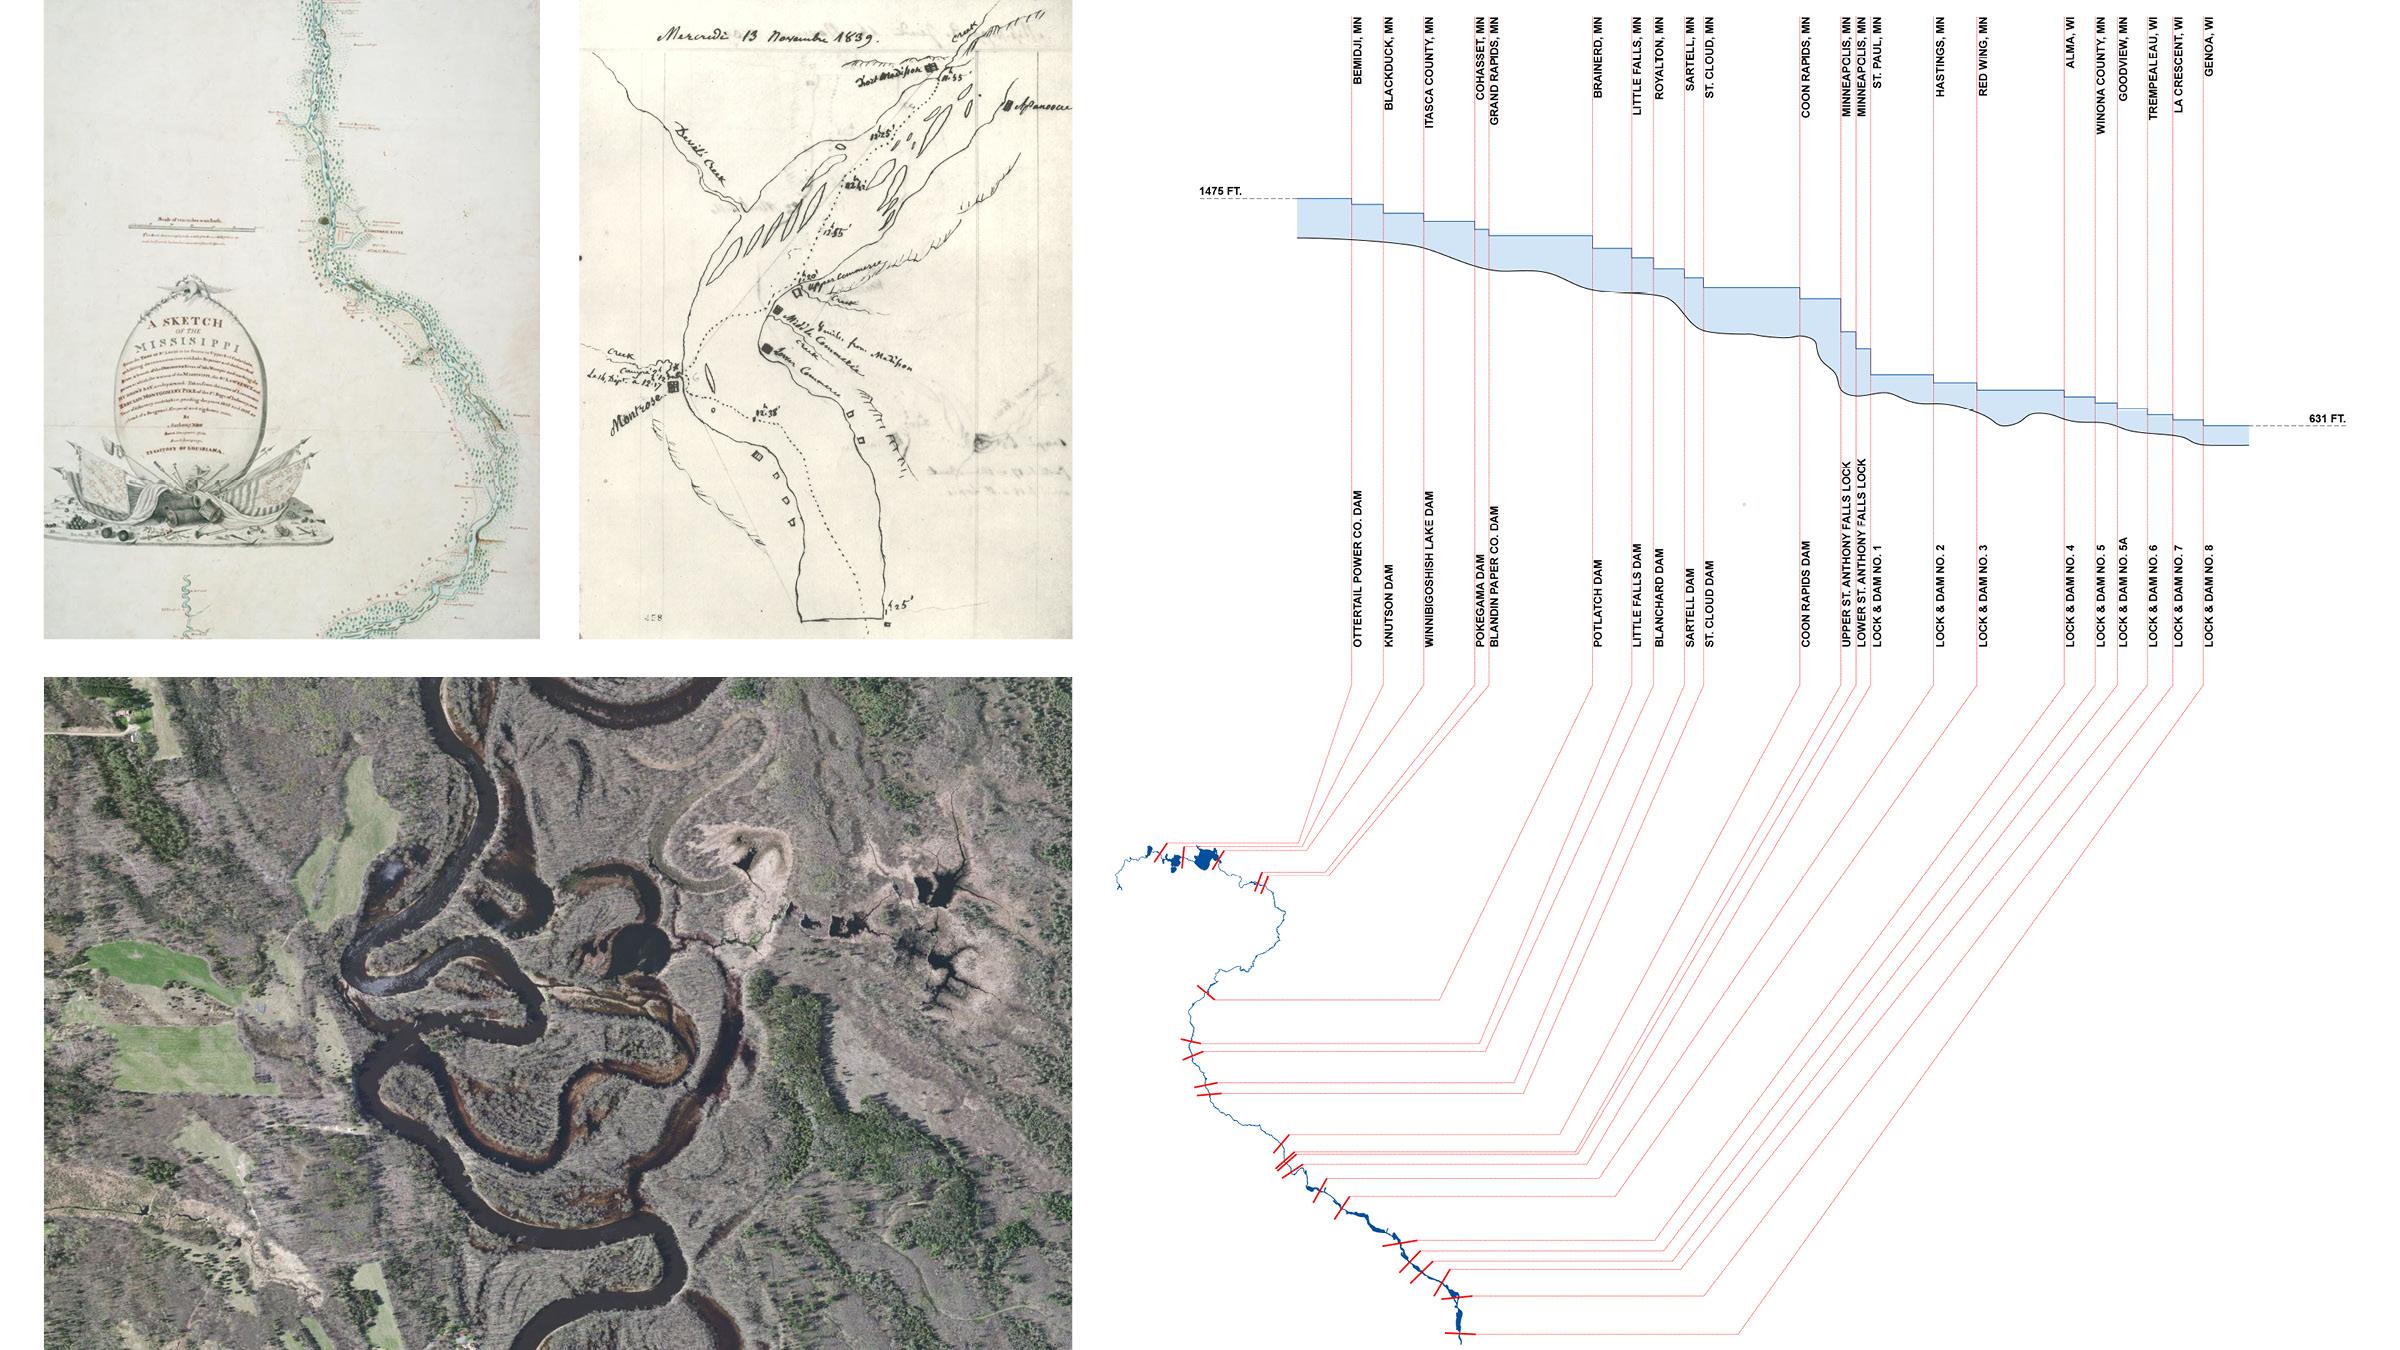 meander images3.jpg